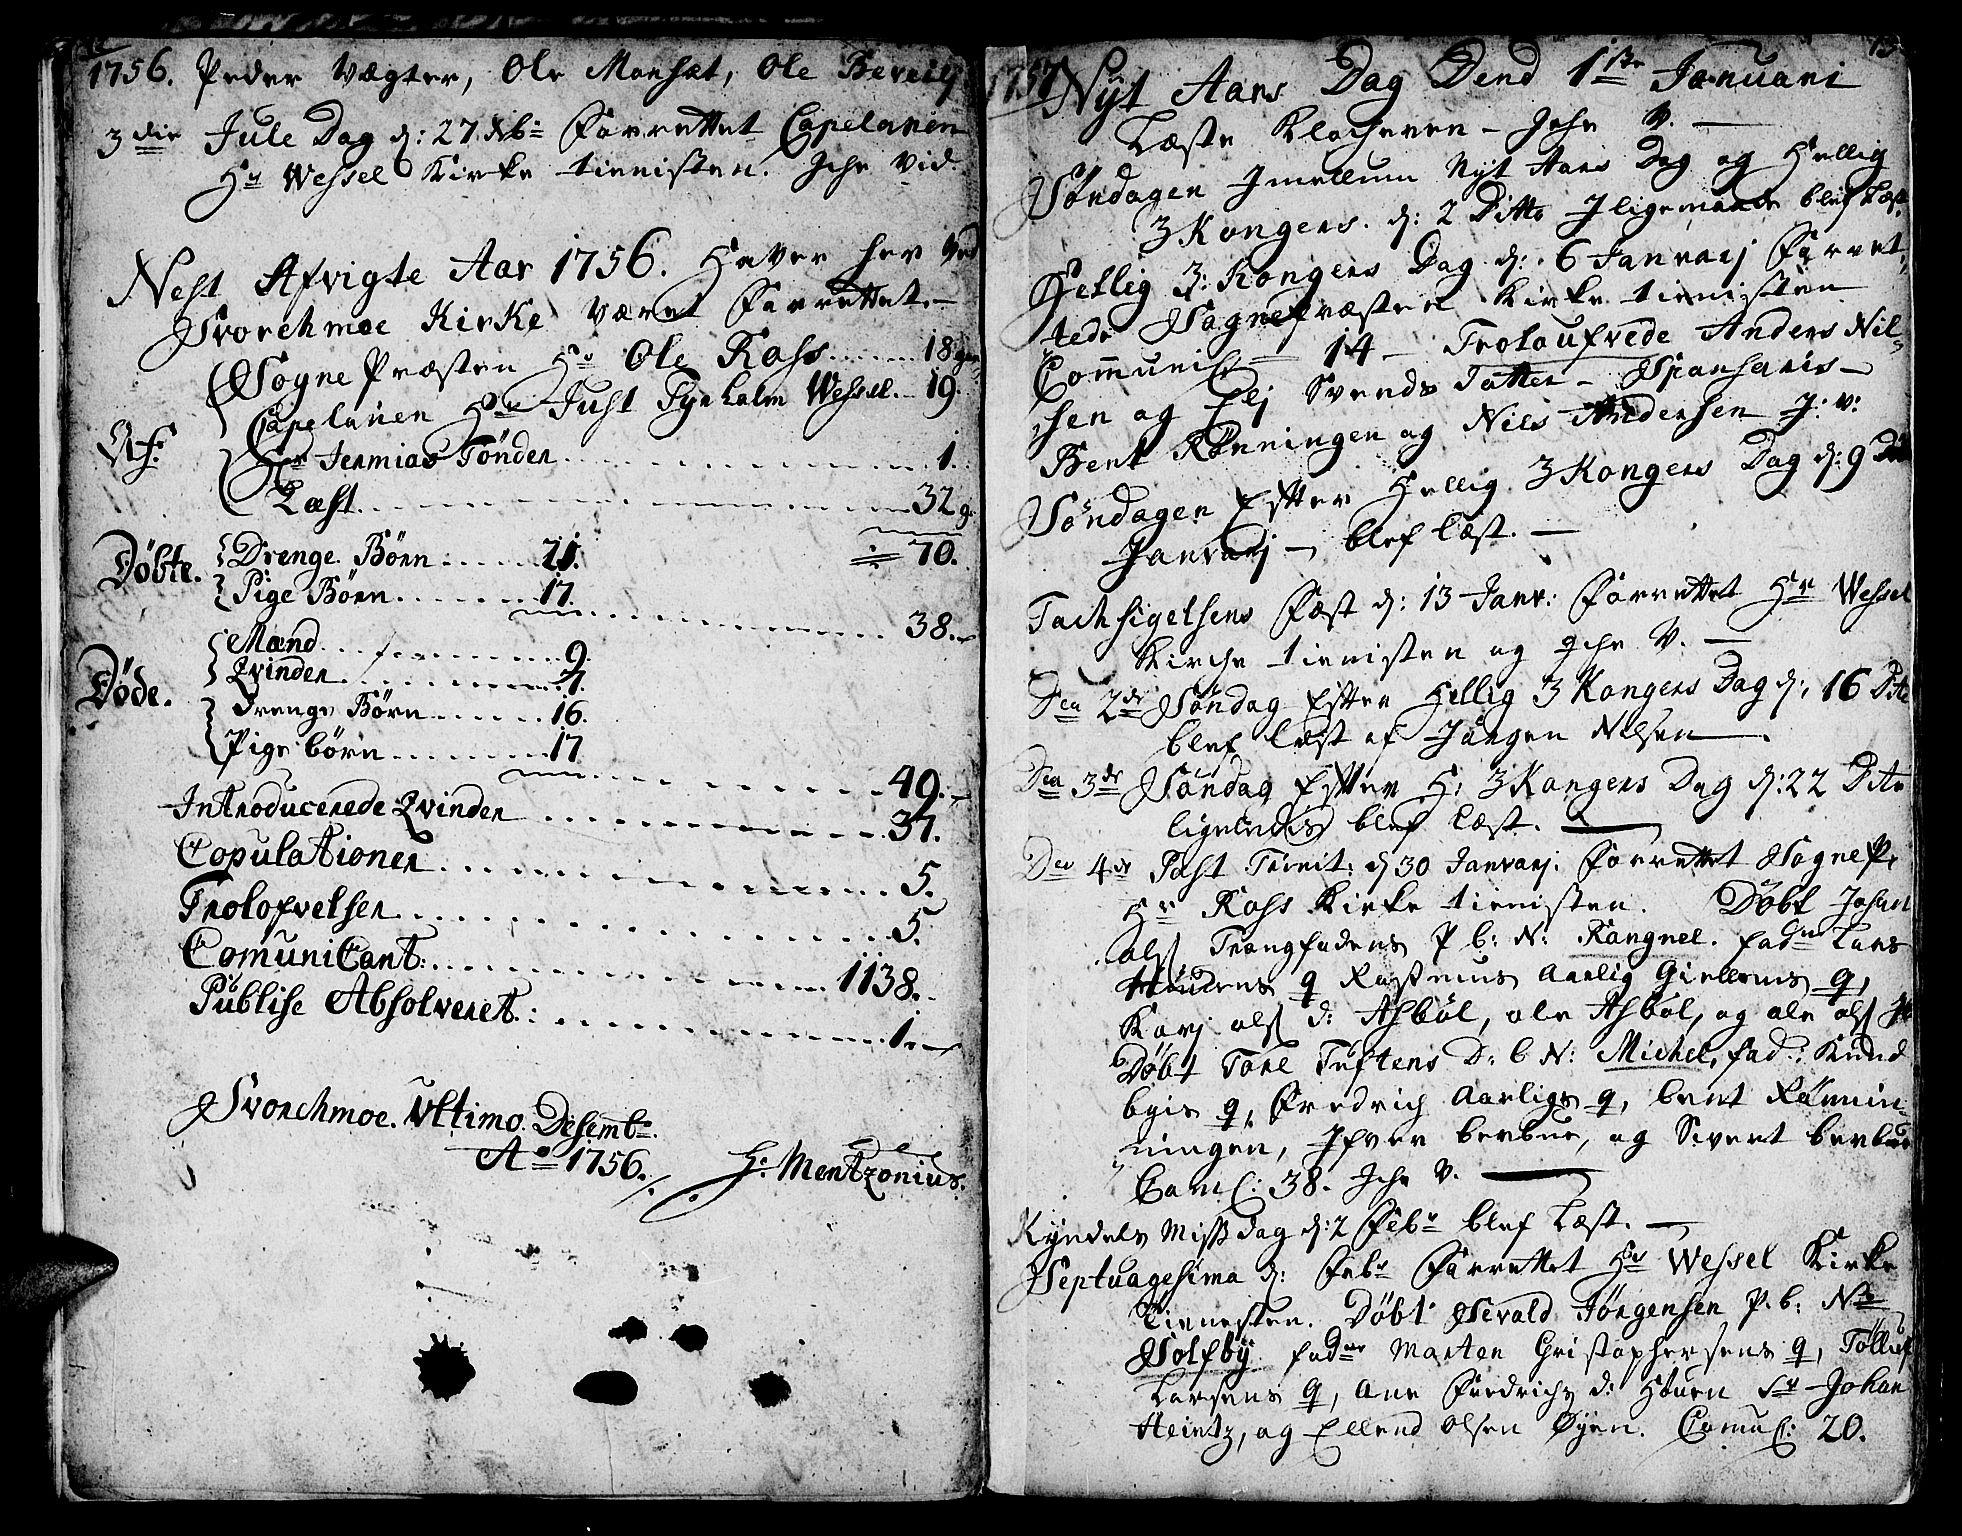 SAT, Ministerialprotokoller, klokkerbøker og fødselsregistre - Sør-Trøndelag, 671/L0840: Ministerialbok nr. 671A02, 1756-1794, s. 12-13